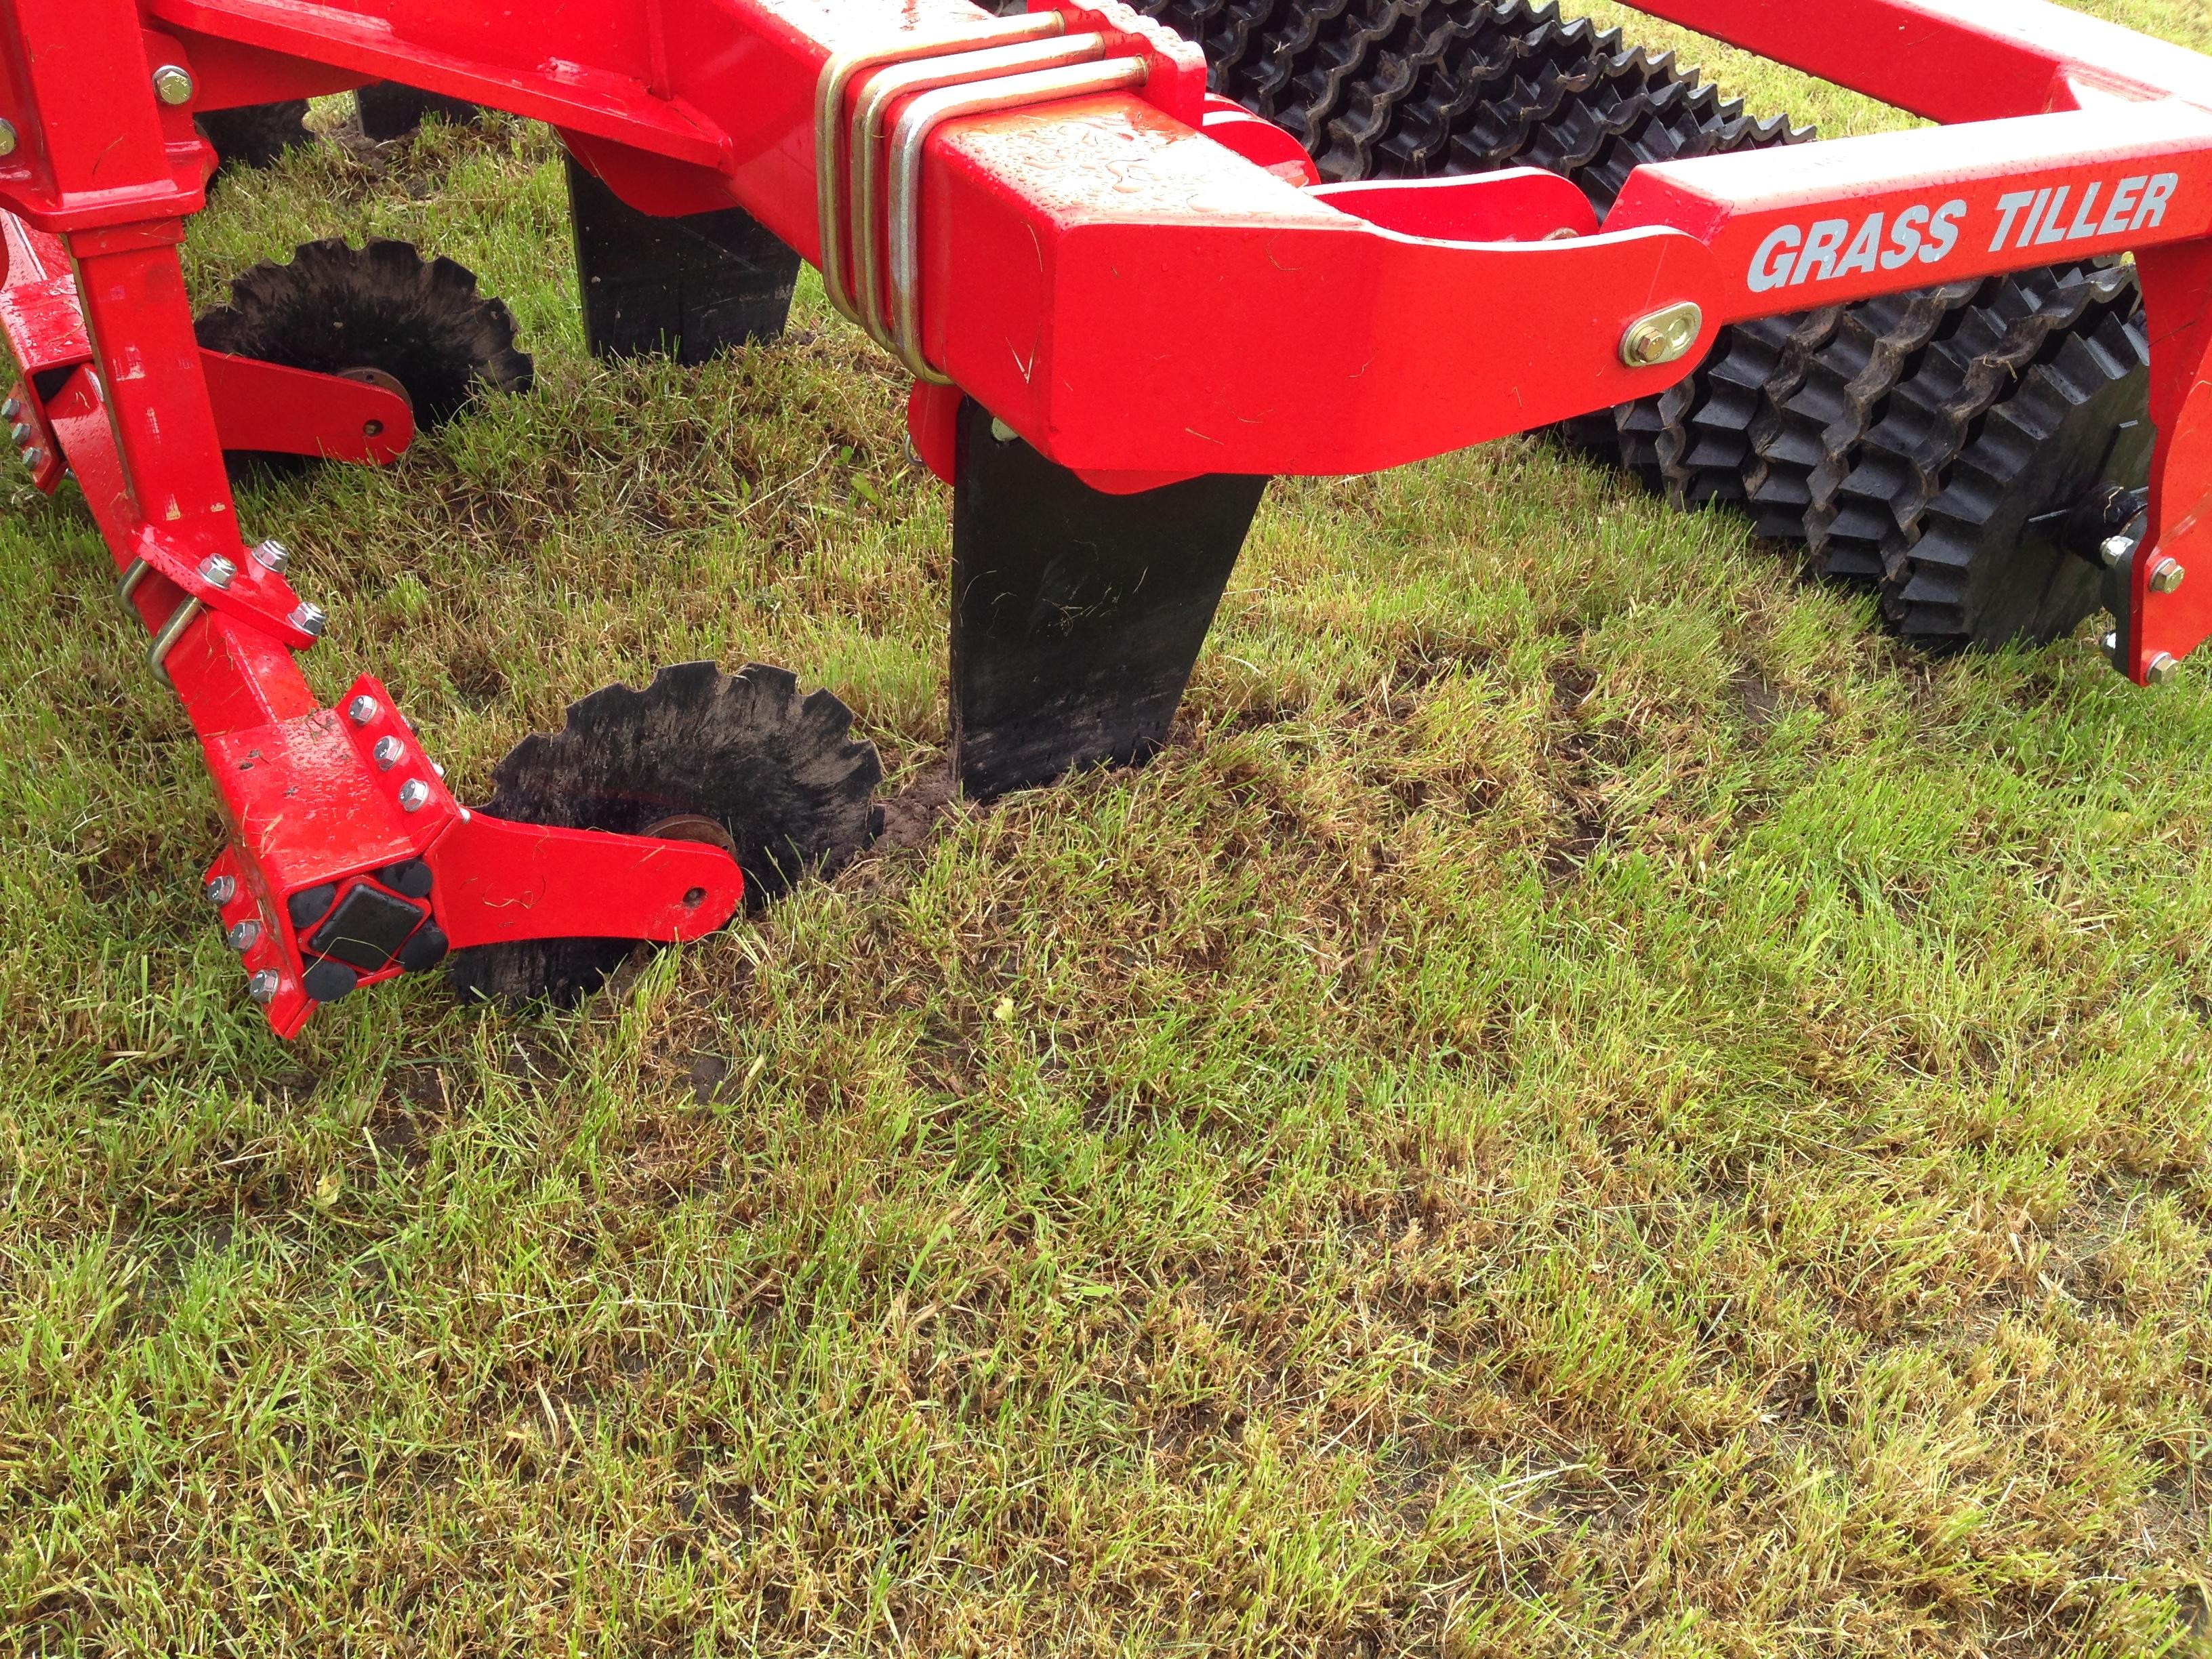 Grass Tiller